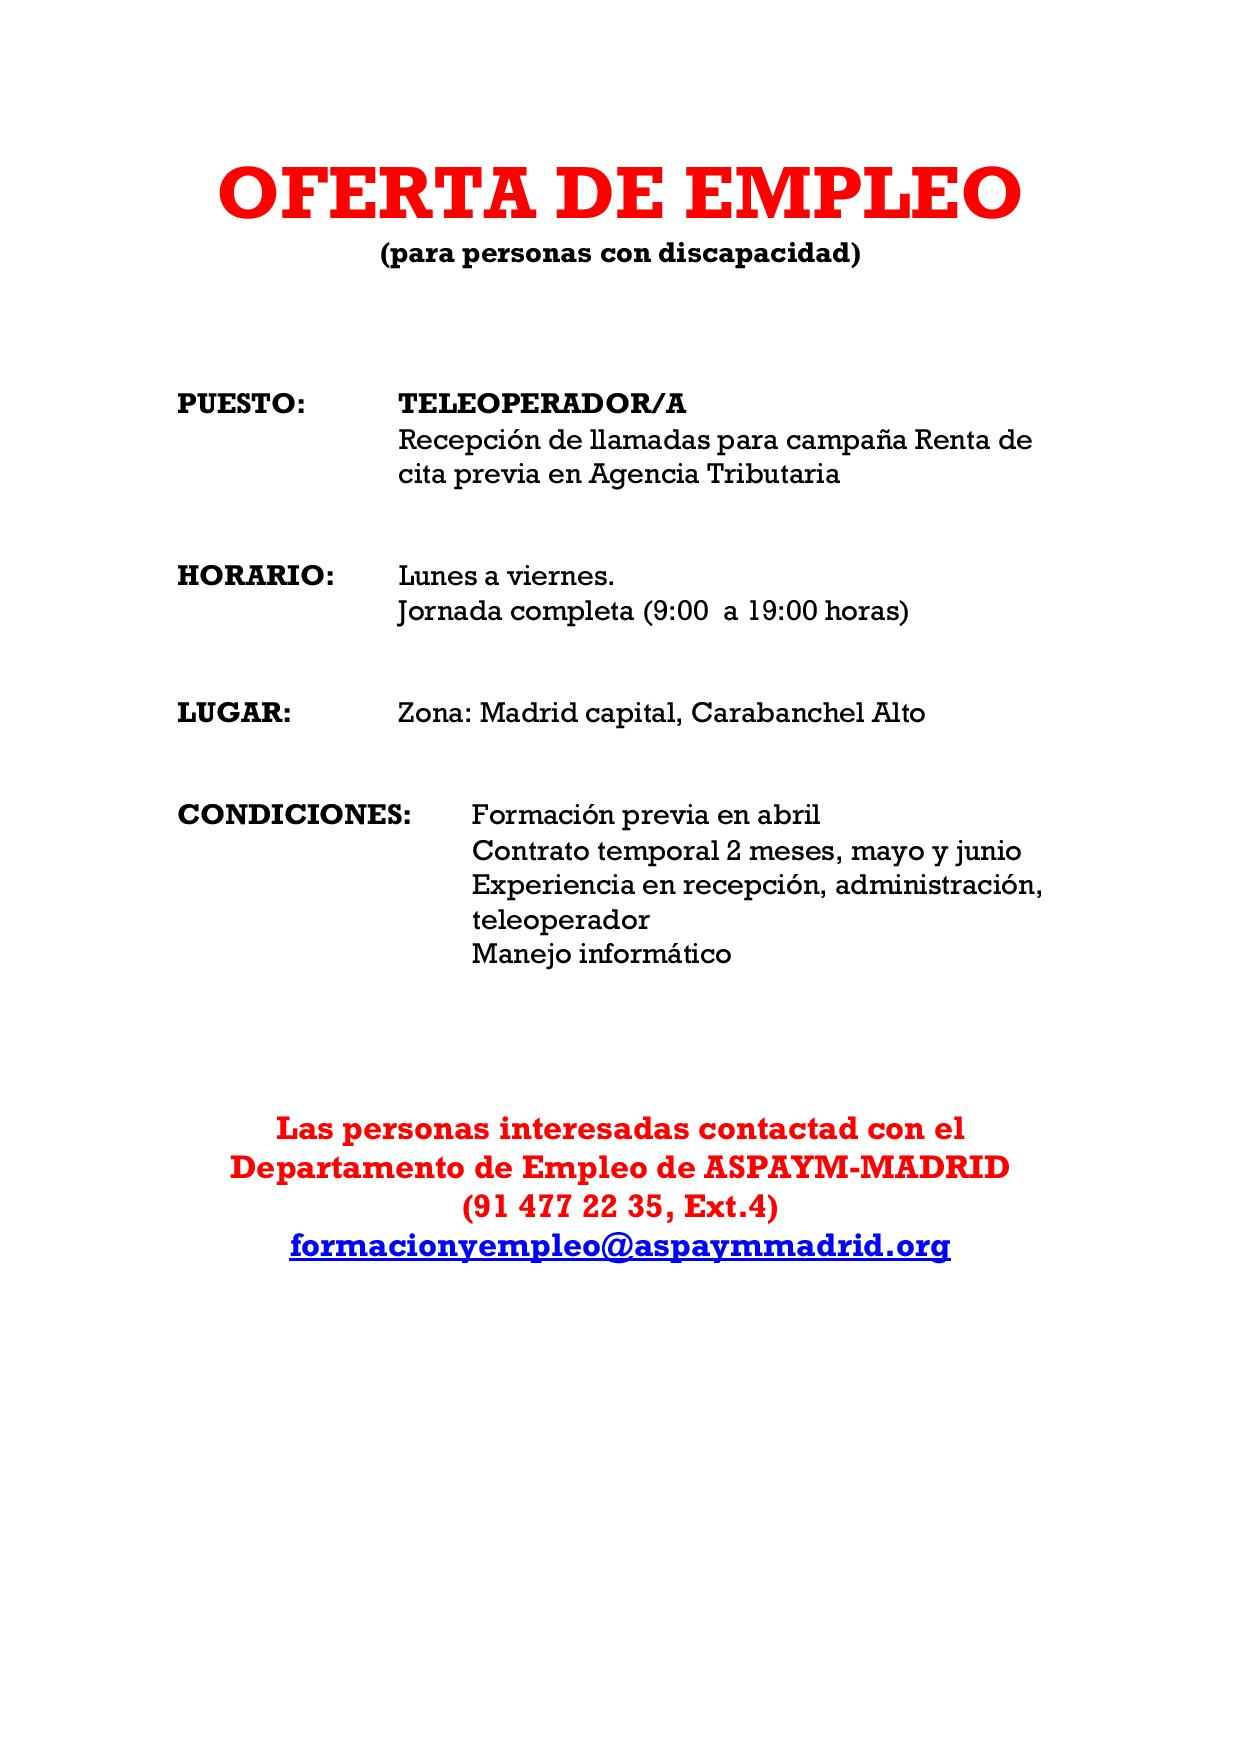 Oferta de empleo teleoperador aspaym madrid - Ofertas de empleo en navarra ...